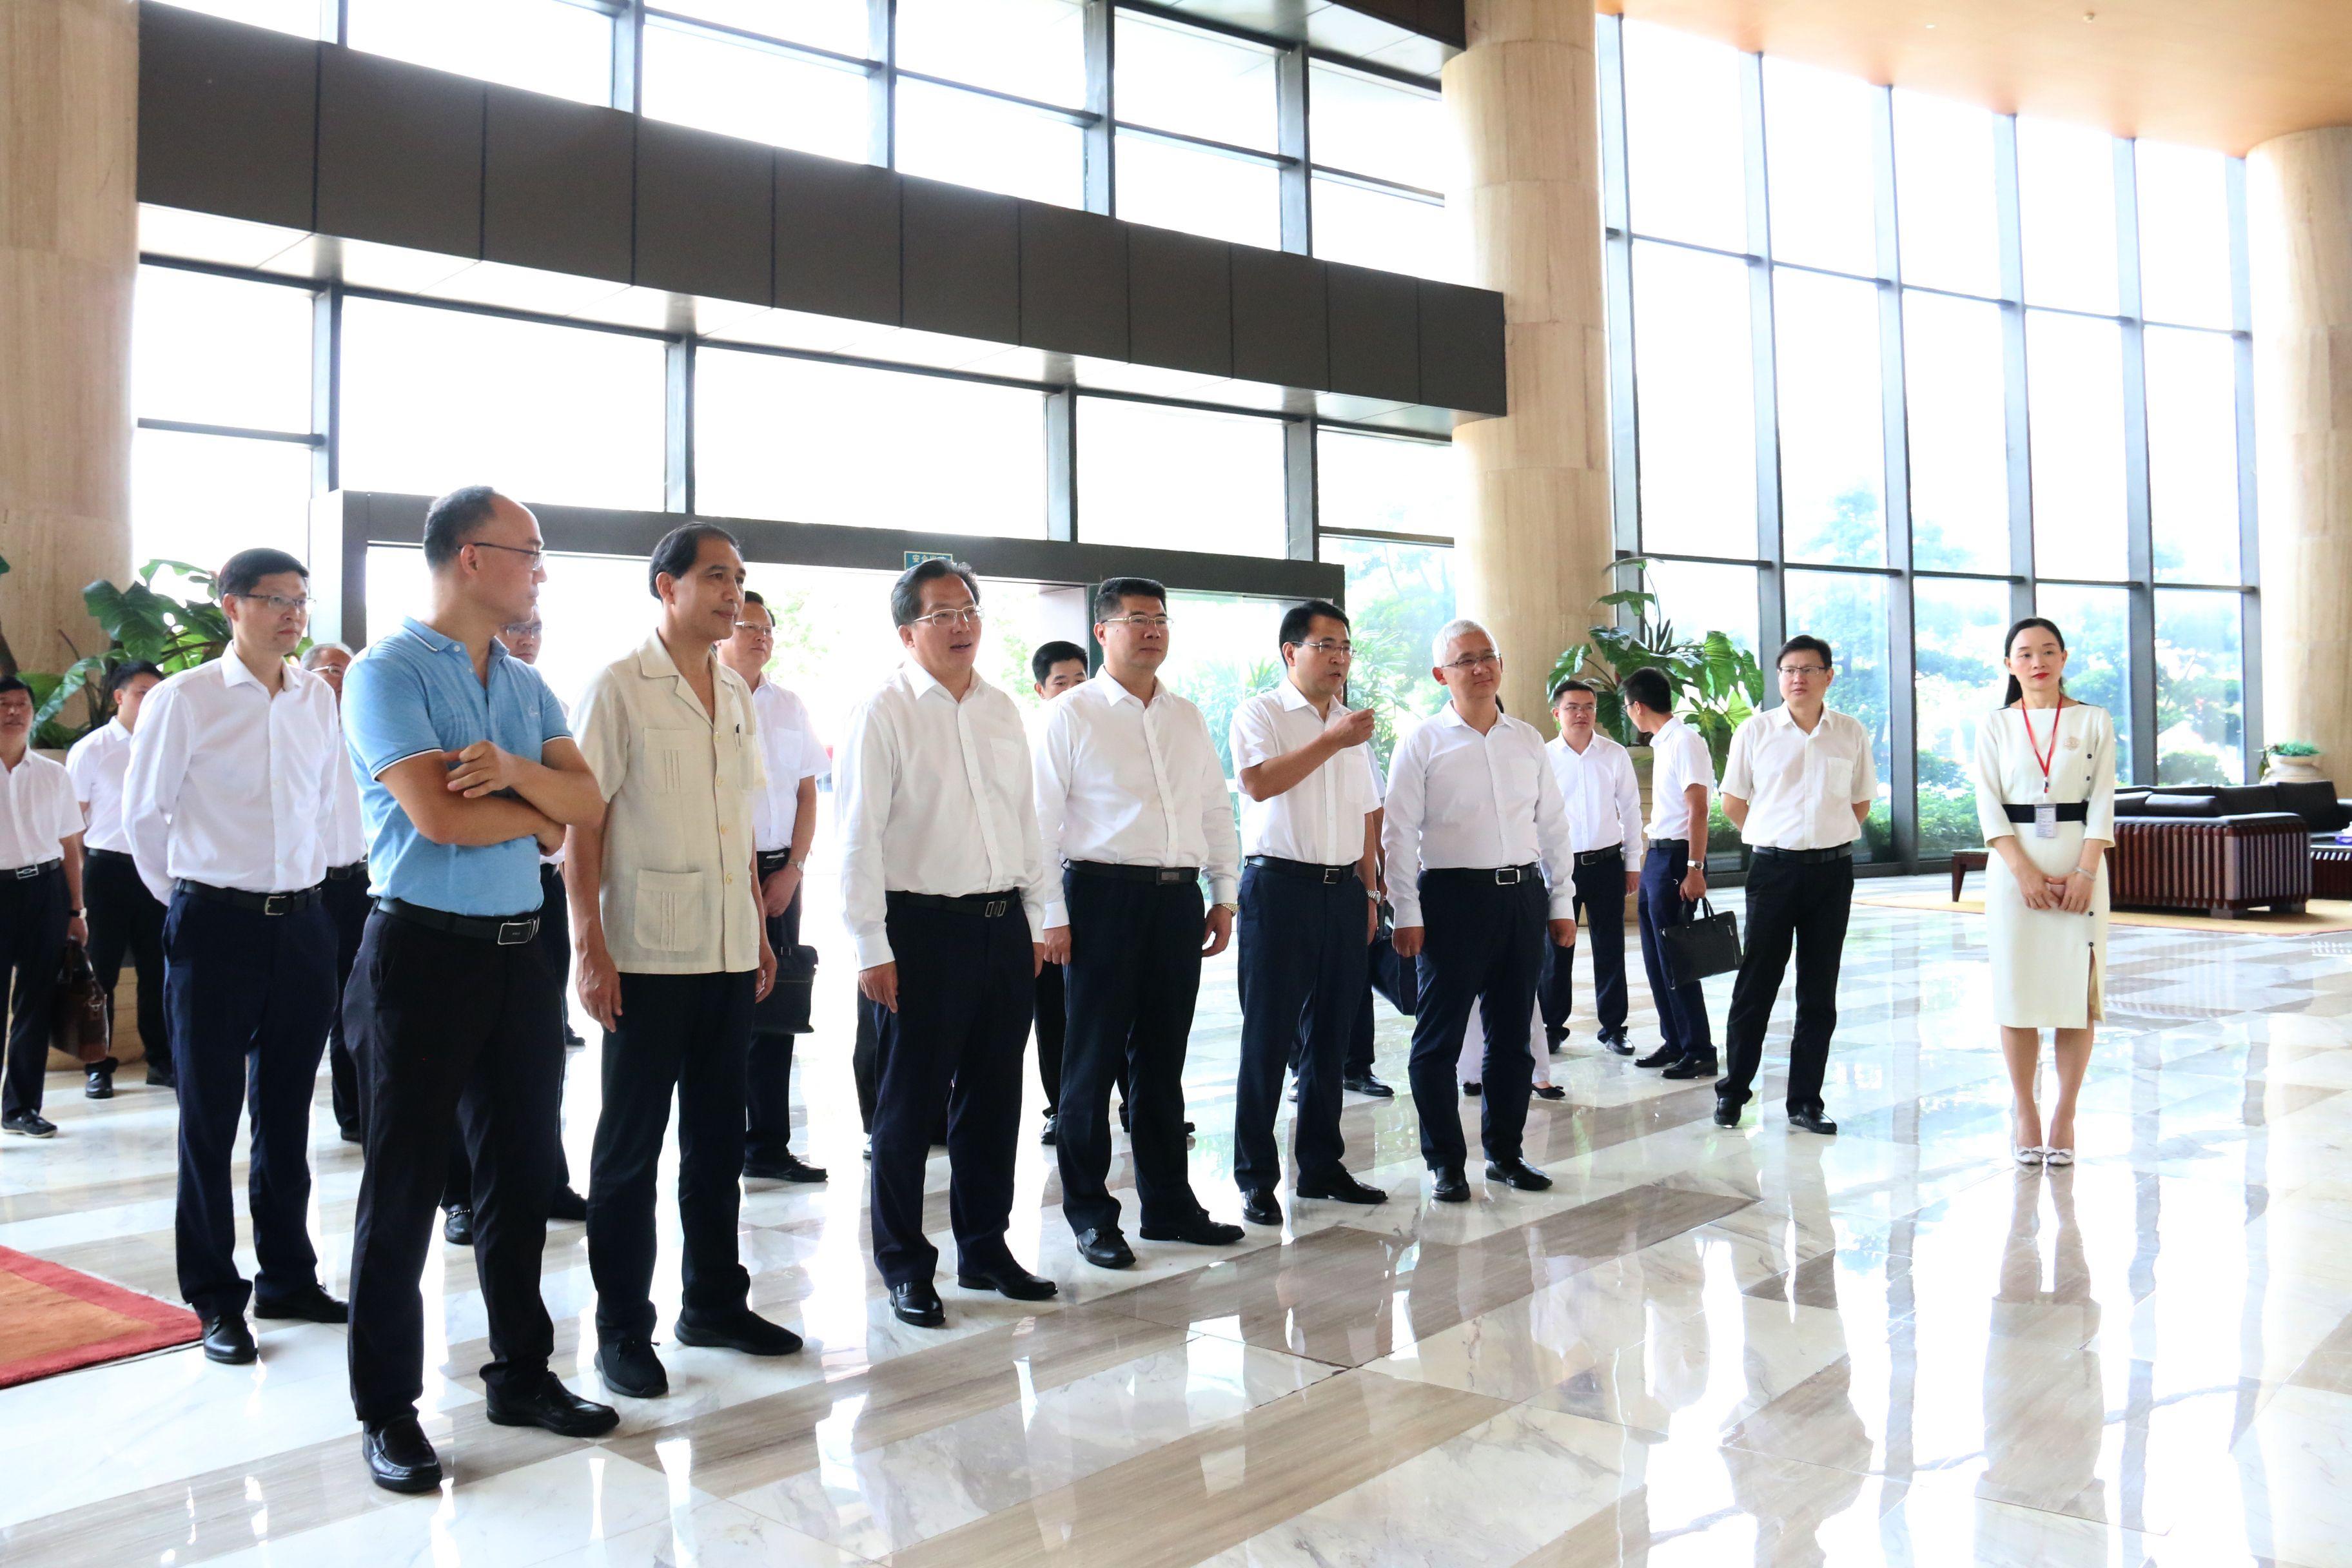 中山自贡两市调研团到访kok体育官方app下载,共同推进彩灯灯饰产业深度融合发展